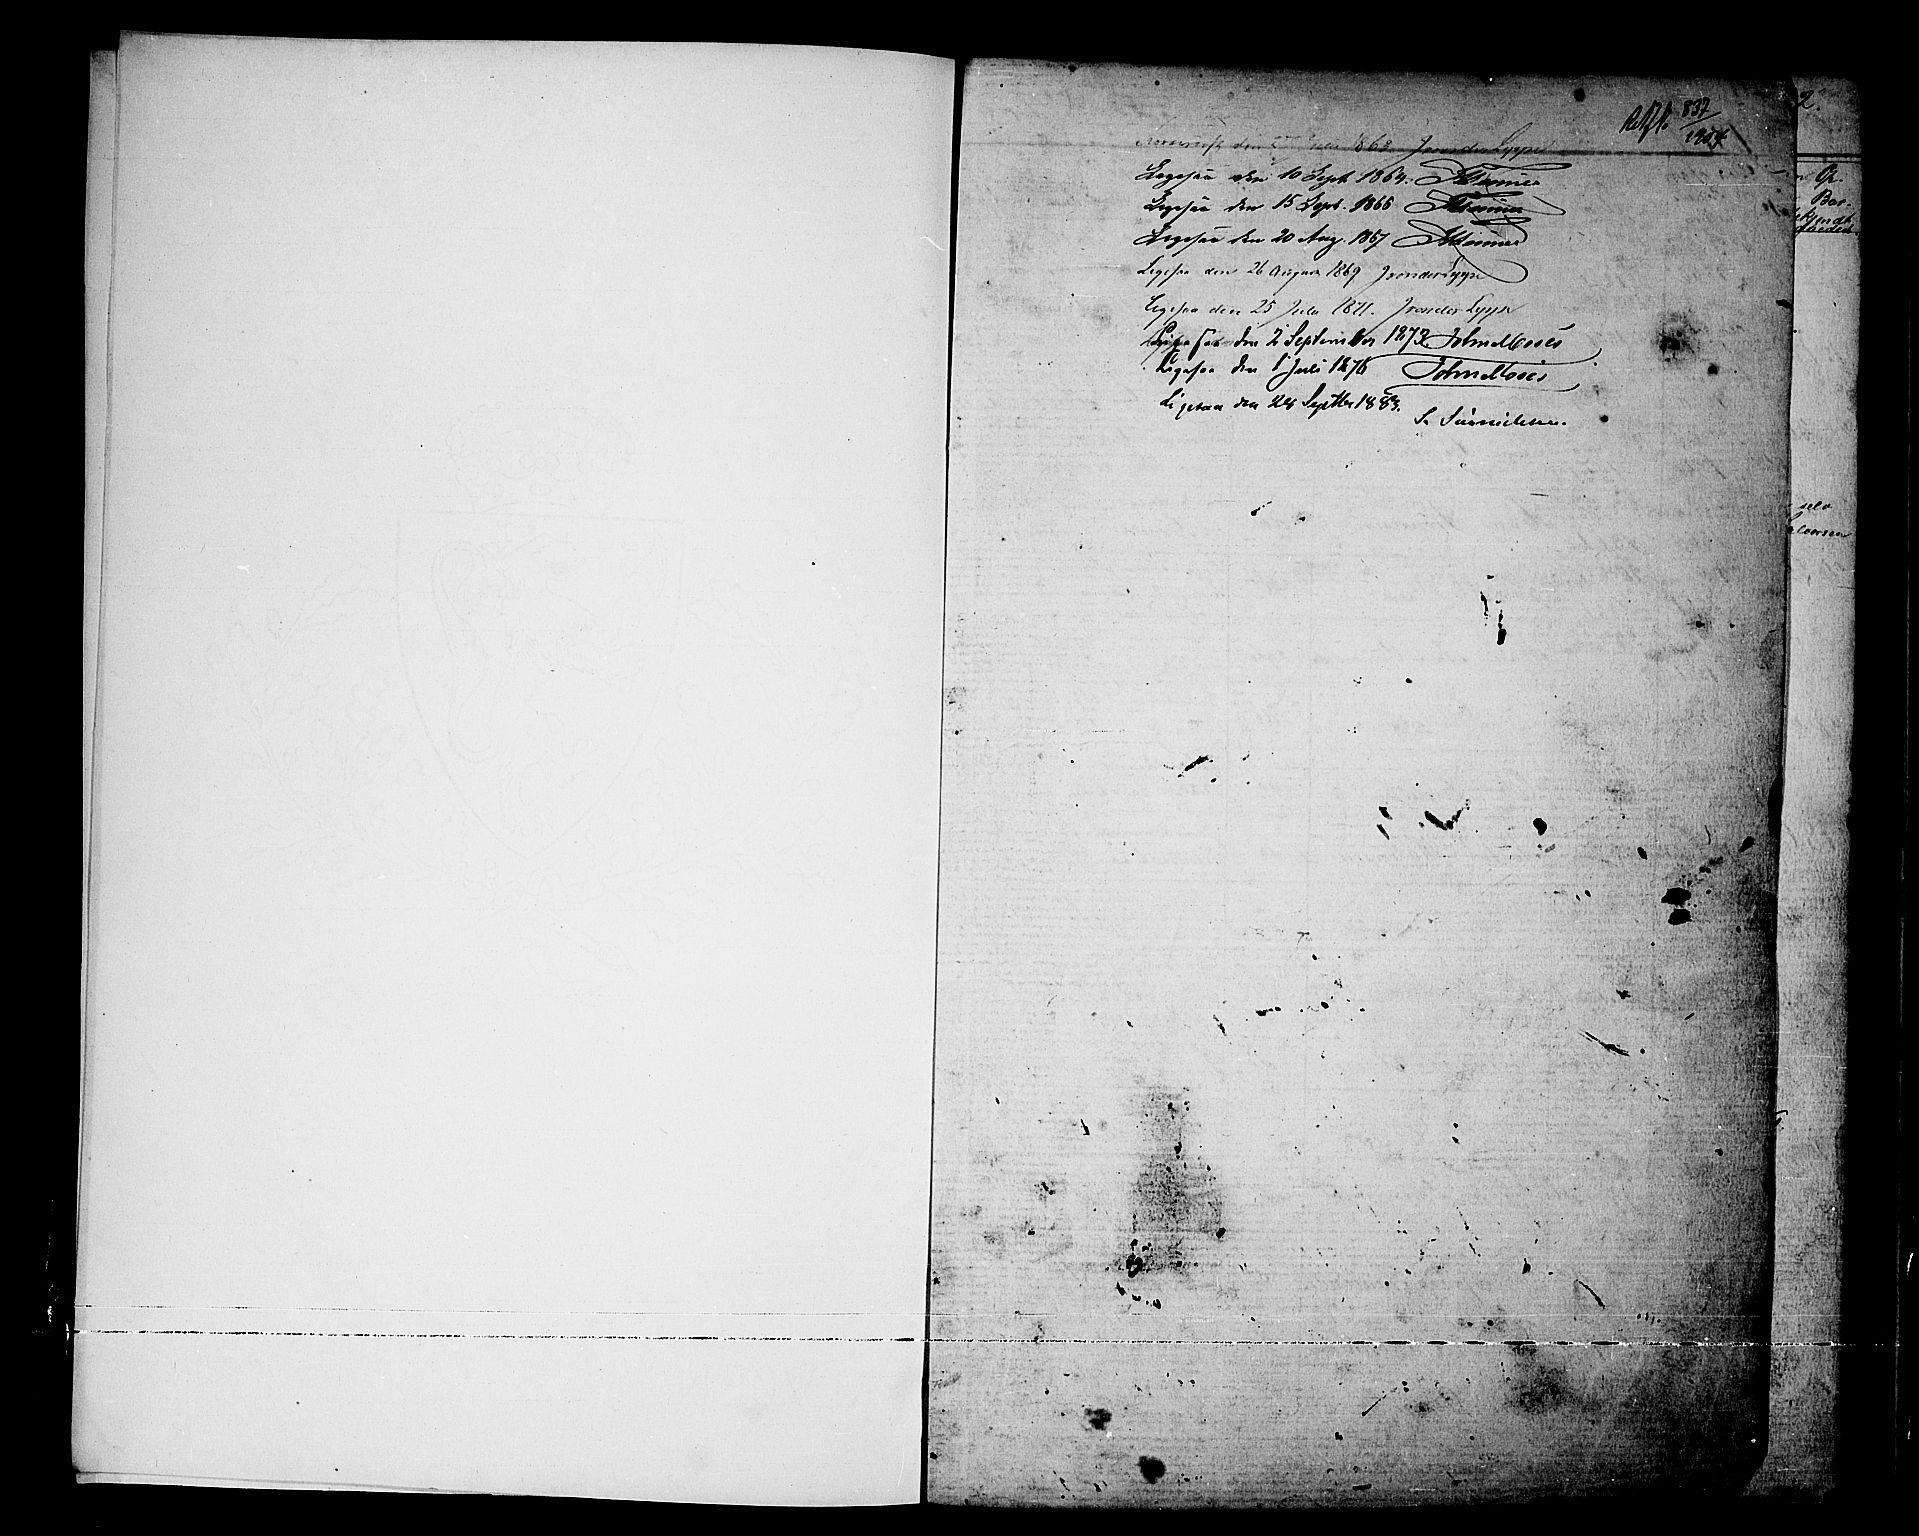 SAKO, Nissedal kirkebøker, G/Ga/L0002: Klokkerbok nr. I 2, 1861-1887